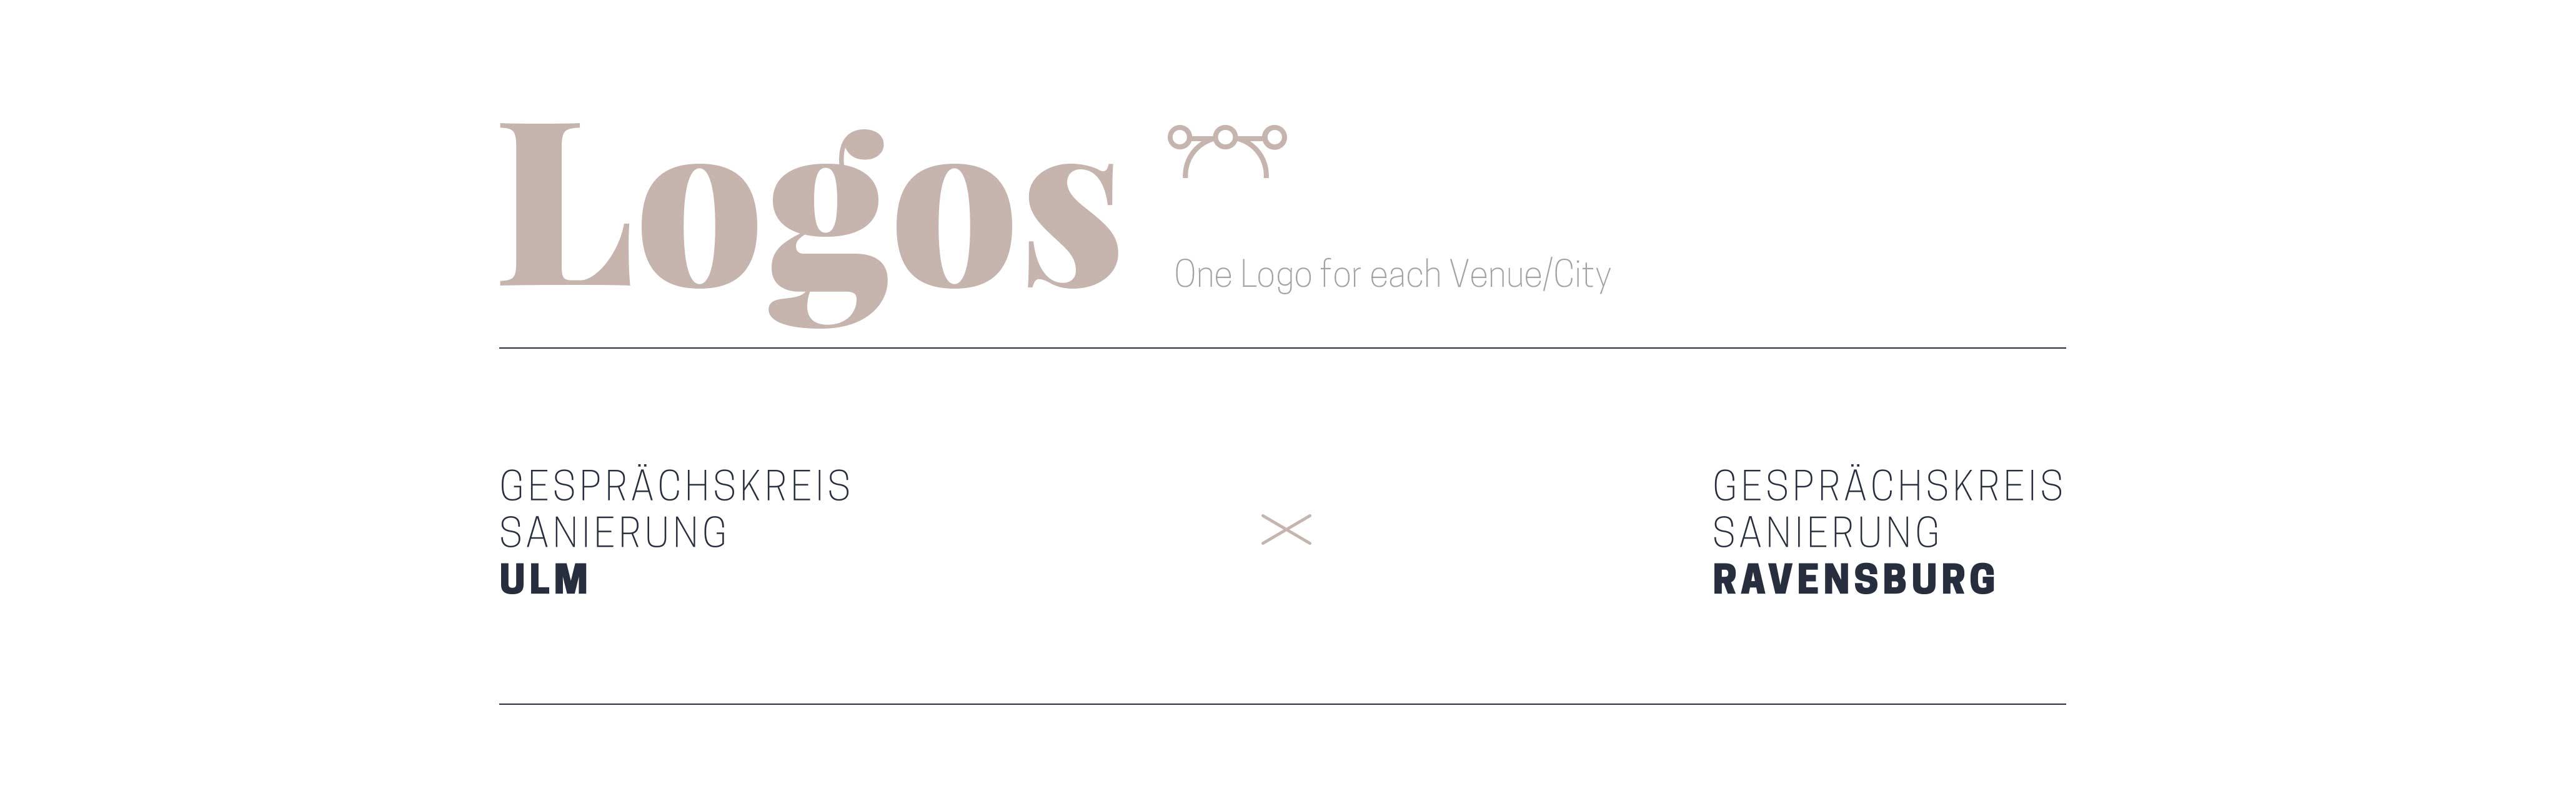 3-logos-gespraechskreis-sanierung-ulm-ravensburg-anchor-schultze-braun